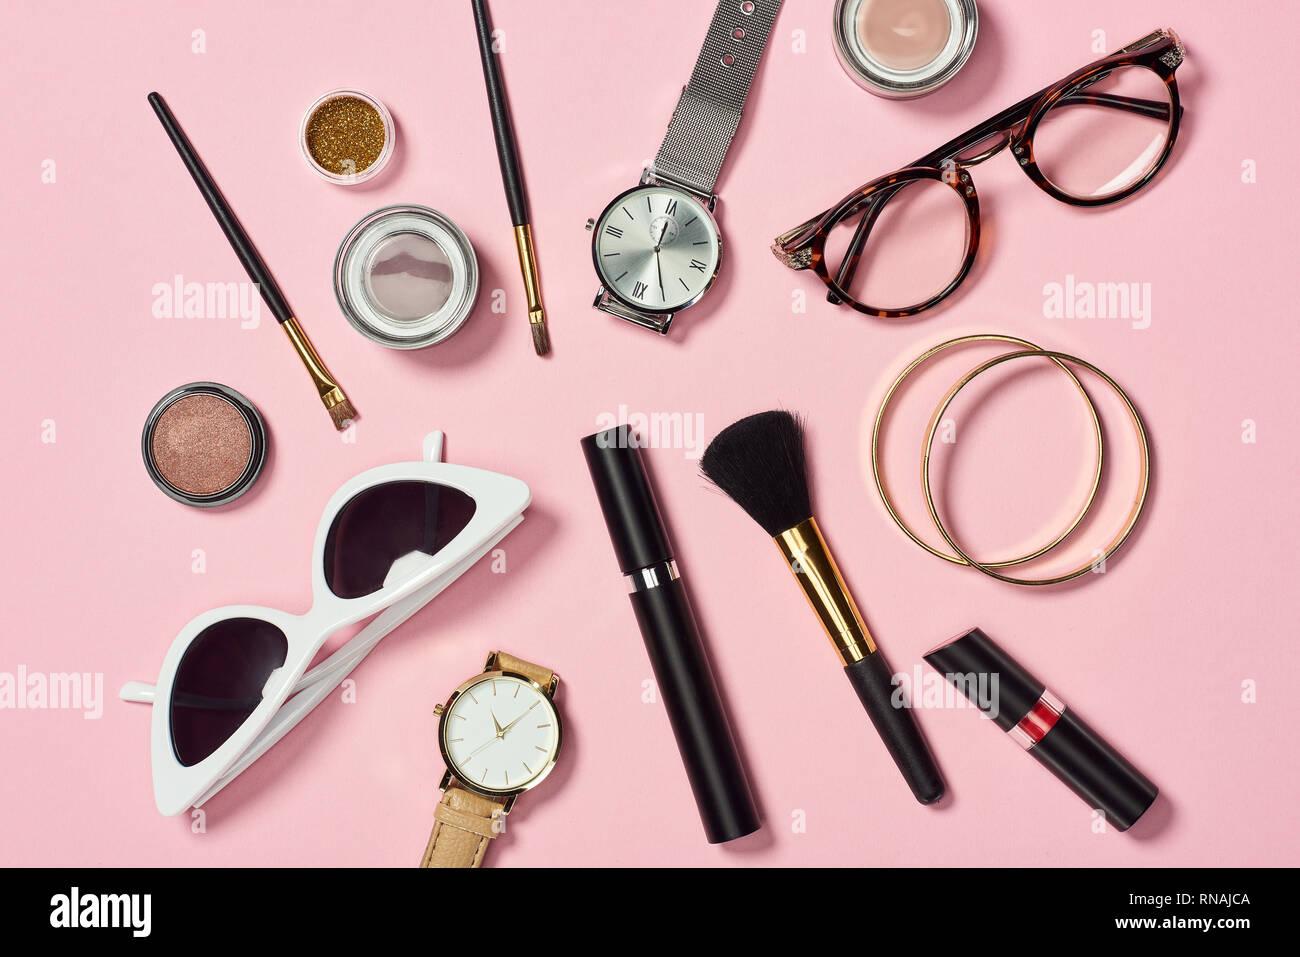 Blick von oben auf die Uhren, Lippenstift, Brillen, Sonnenbrillen, Lidschatten, Rouge, Kosmetikpinsel, Armbänder und Mascara Stockfoto